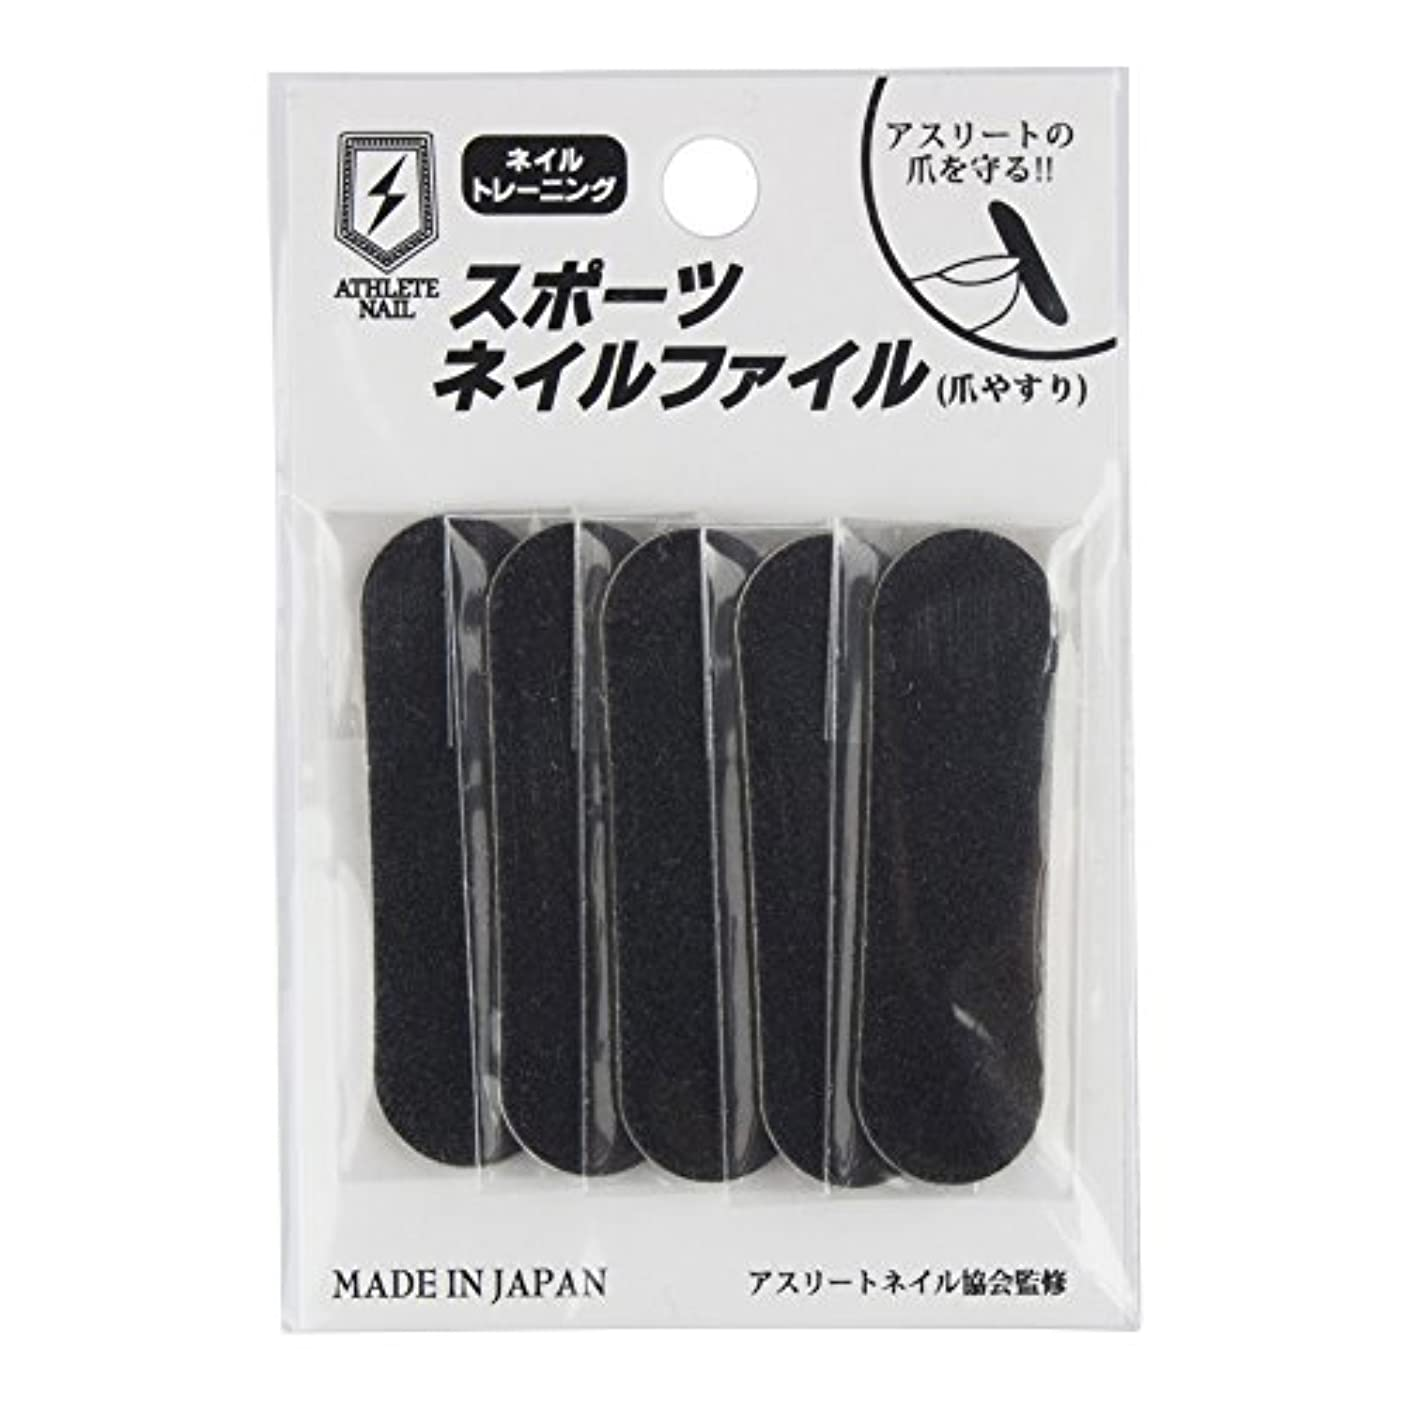 火山学者カレンダースカイアスリートネイル(Athlete Nail) スポーツネイルファイル 爪やすり 98572